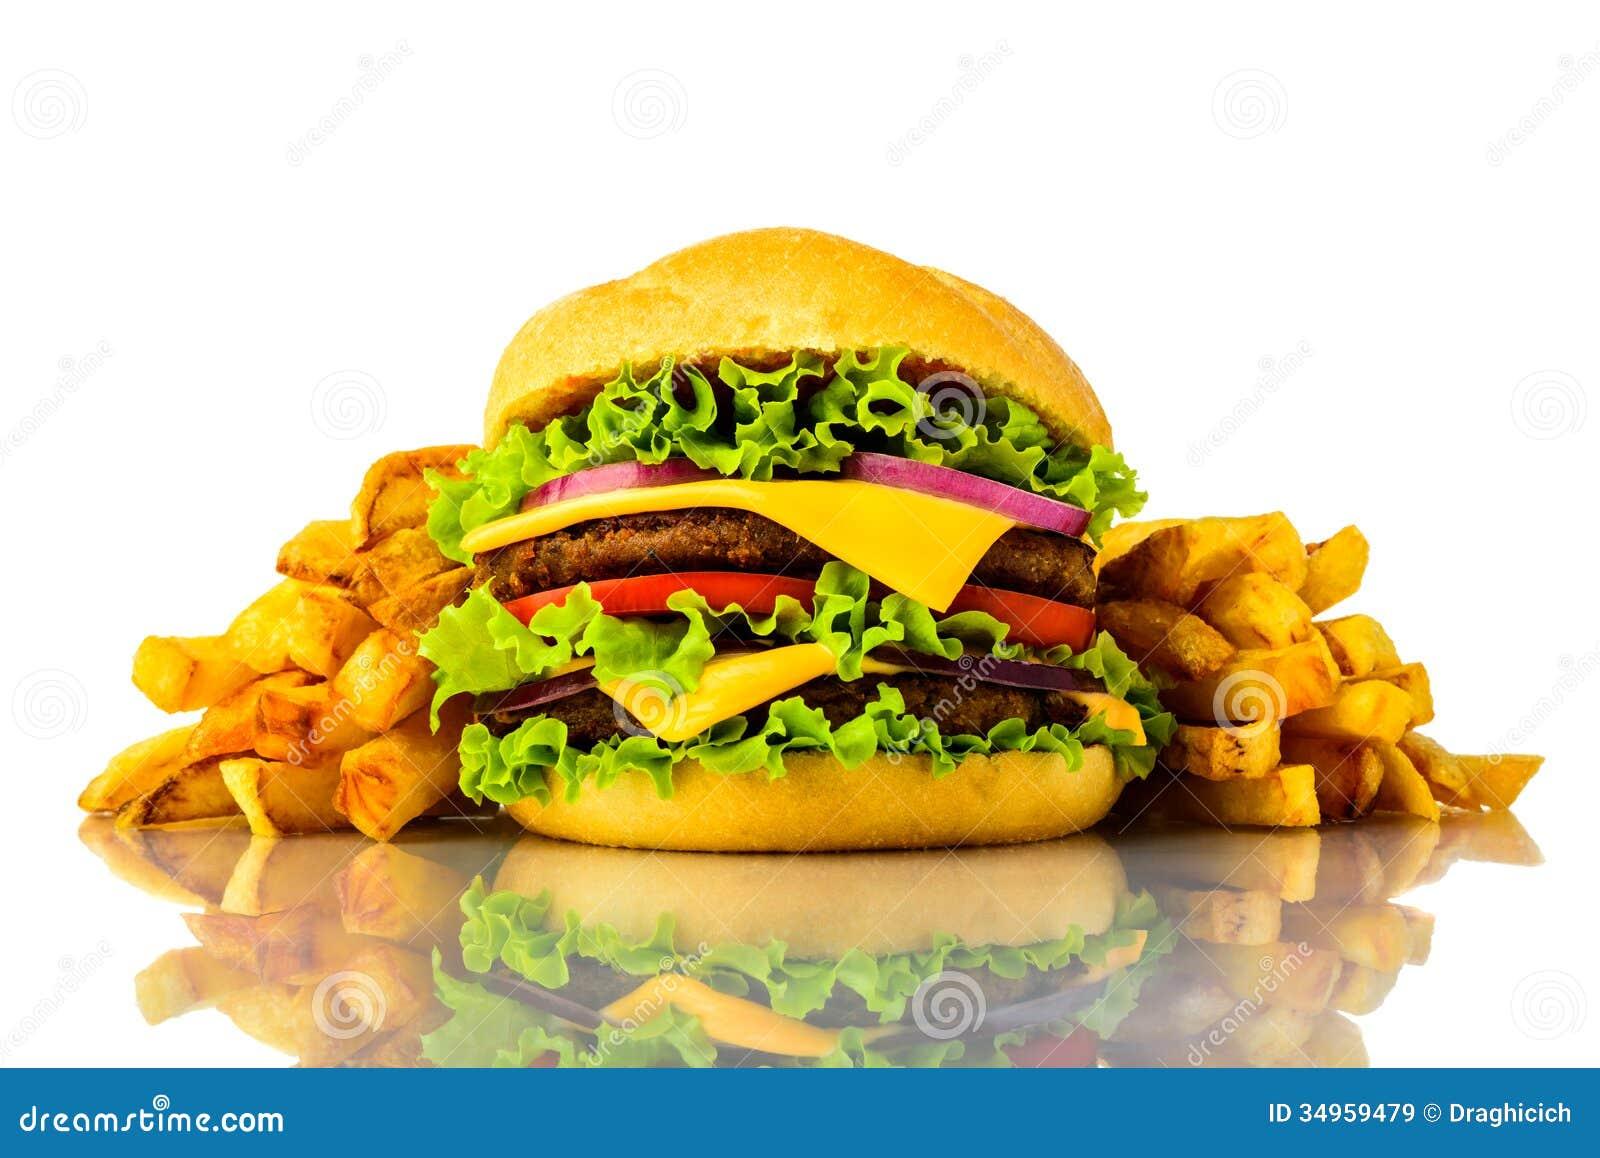 hamburger and fries wallpaper - photo #40